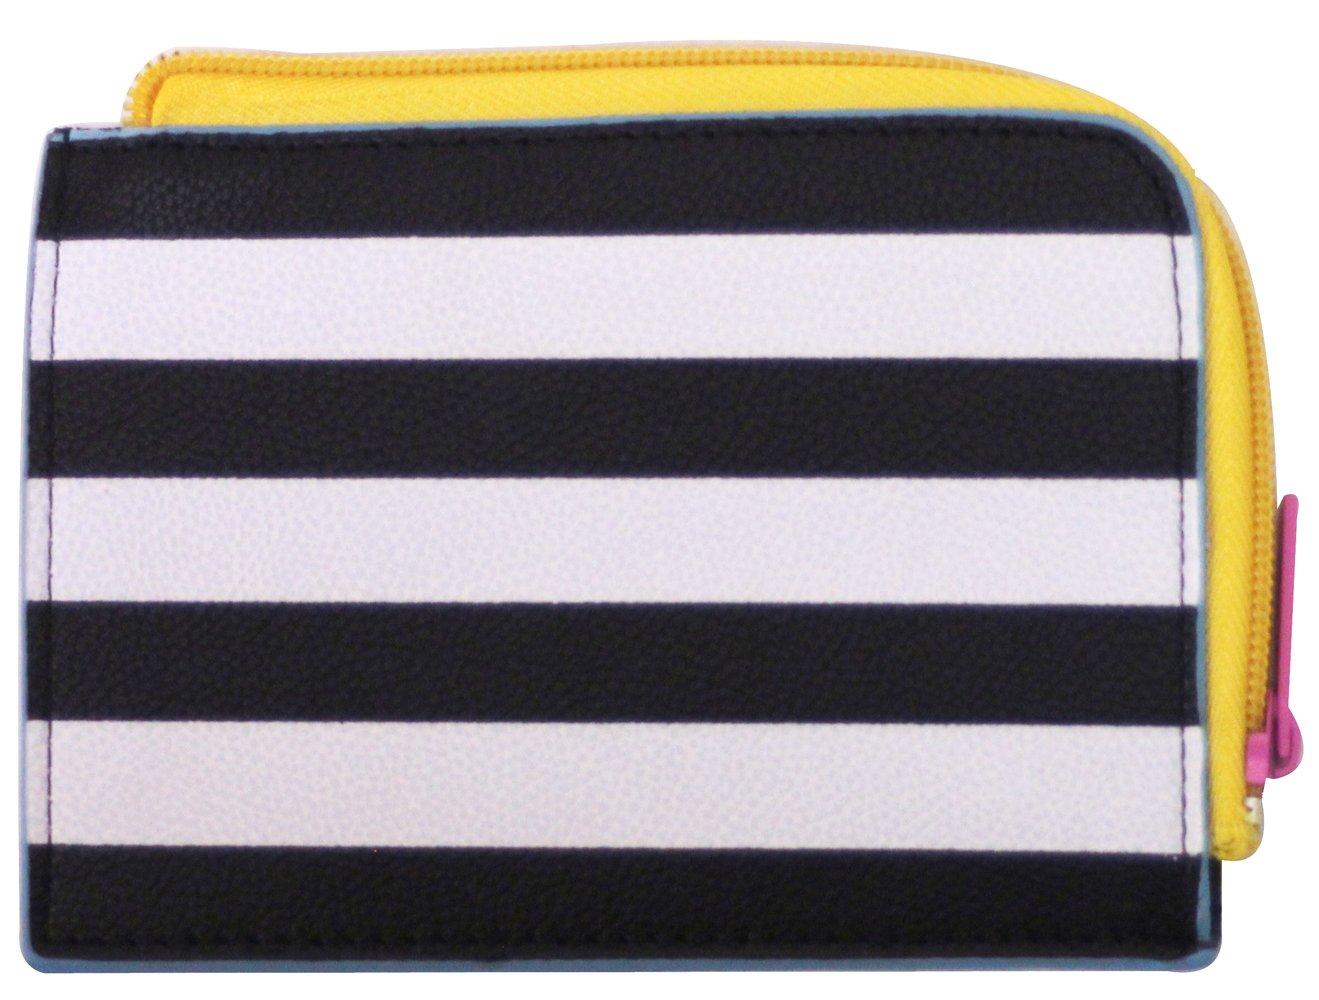 Amazon Sephora Gift Card Black White Strips Bag Yellow Beauty